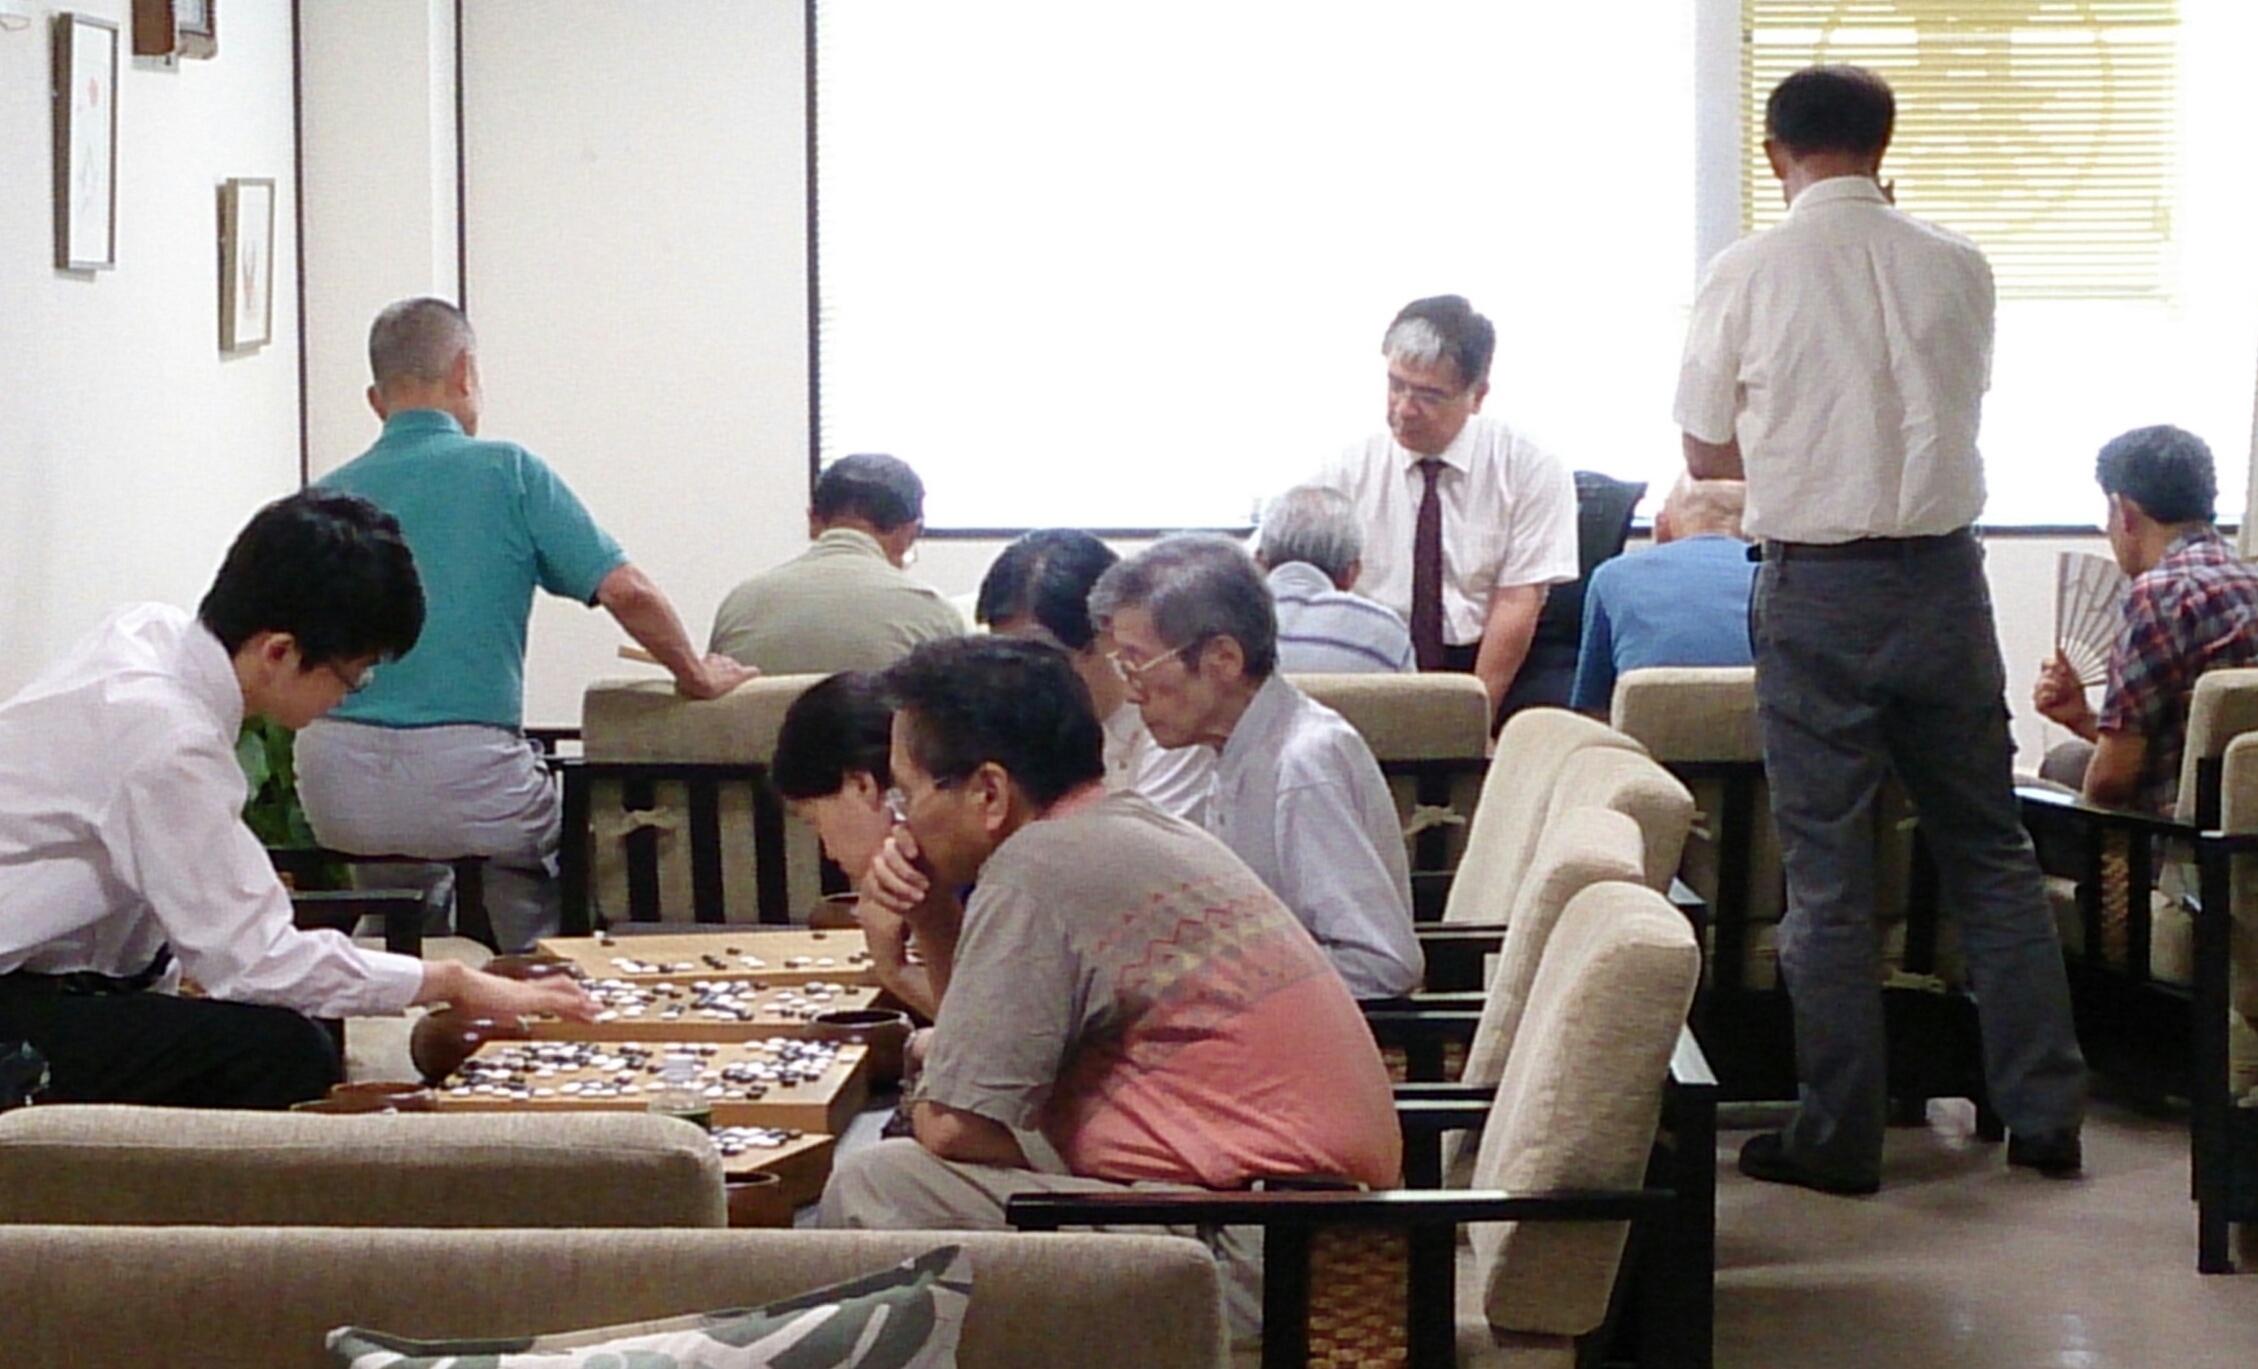 今日は第29回清成勉強会で〜す。